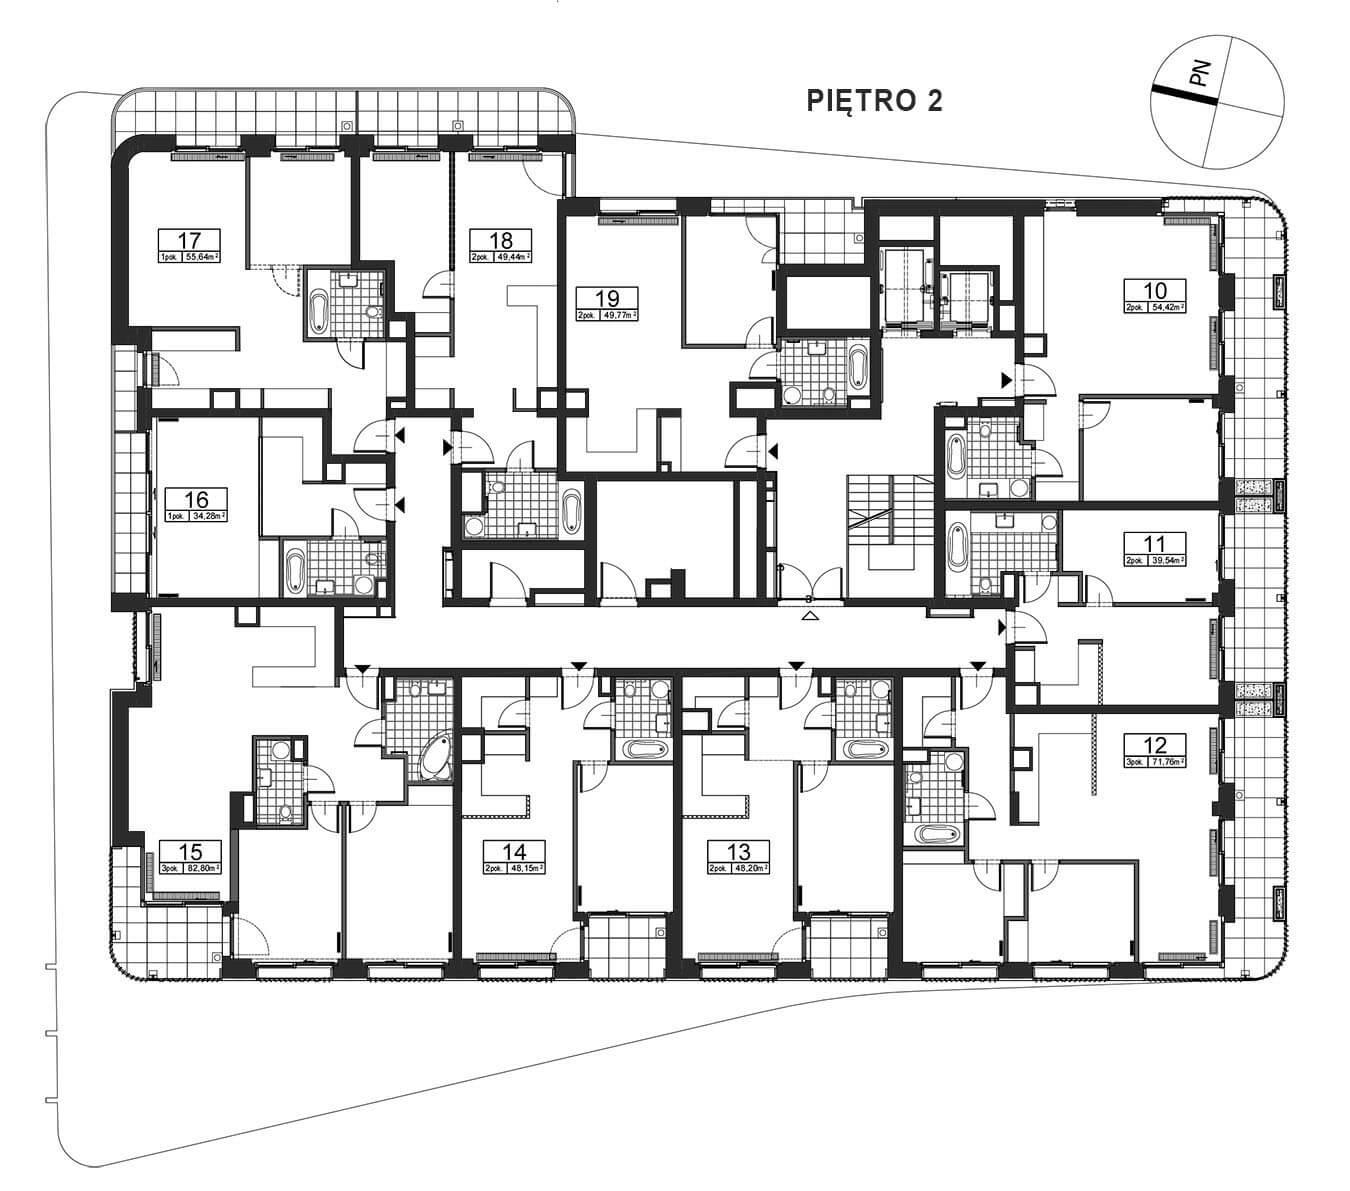 Górnośląska 6 - Piętro 2